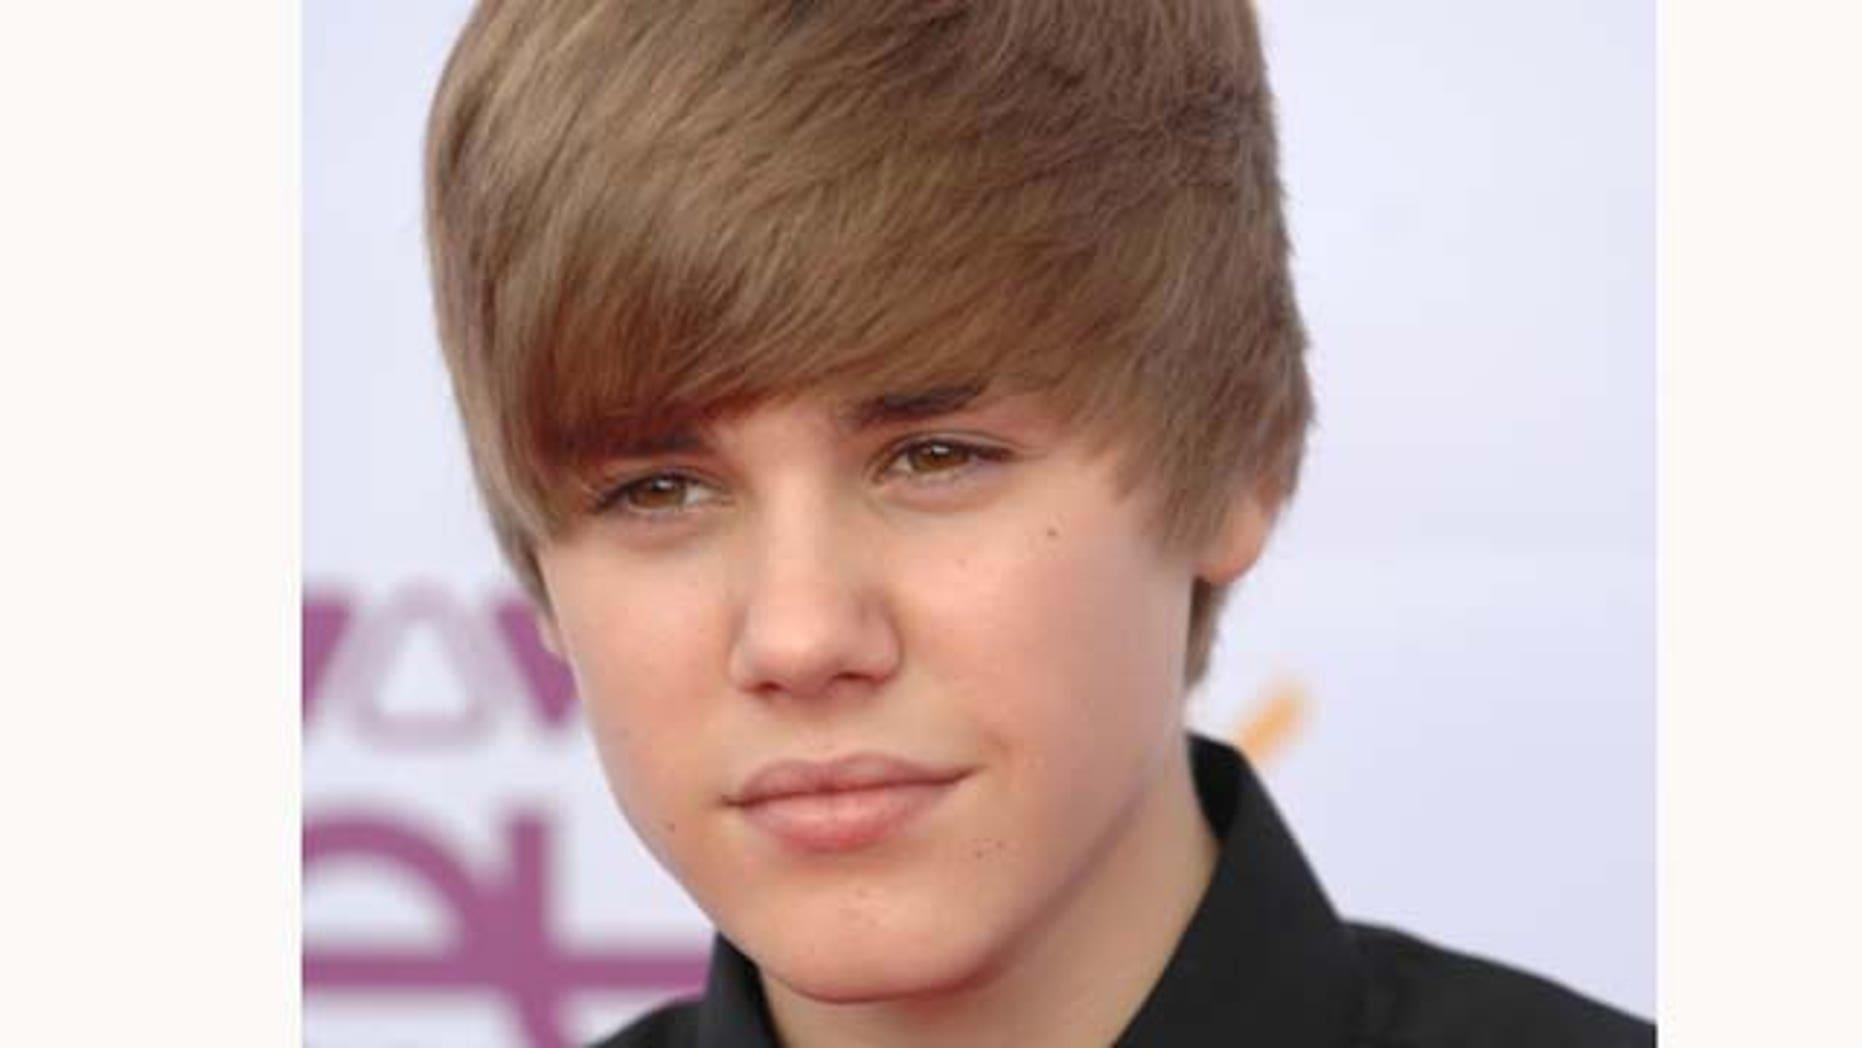 May 21, 2010: Justin Bieber attends the VIVA Comet 2010 Awards at Koenig-Pilsener-Arena in Oberhausen, Germany.